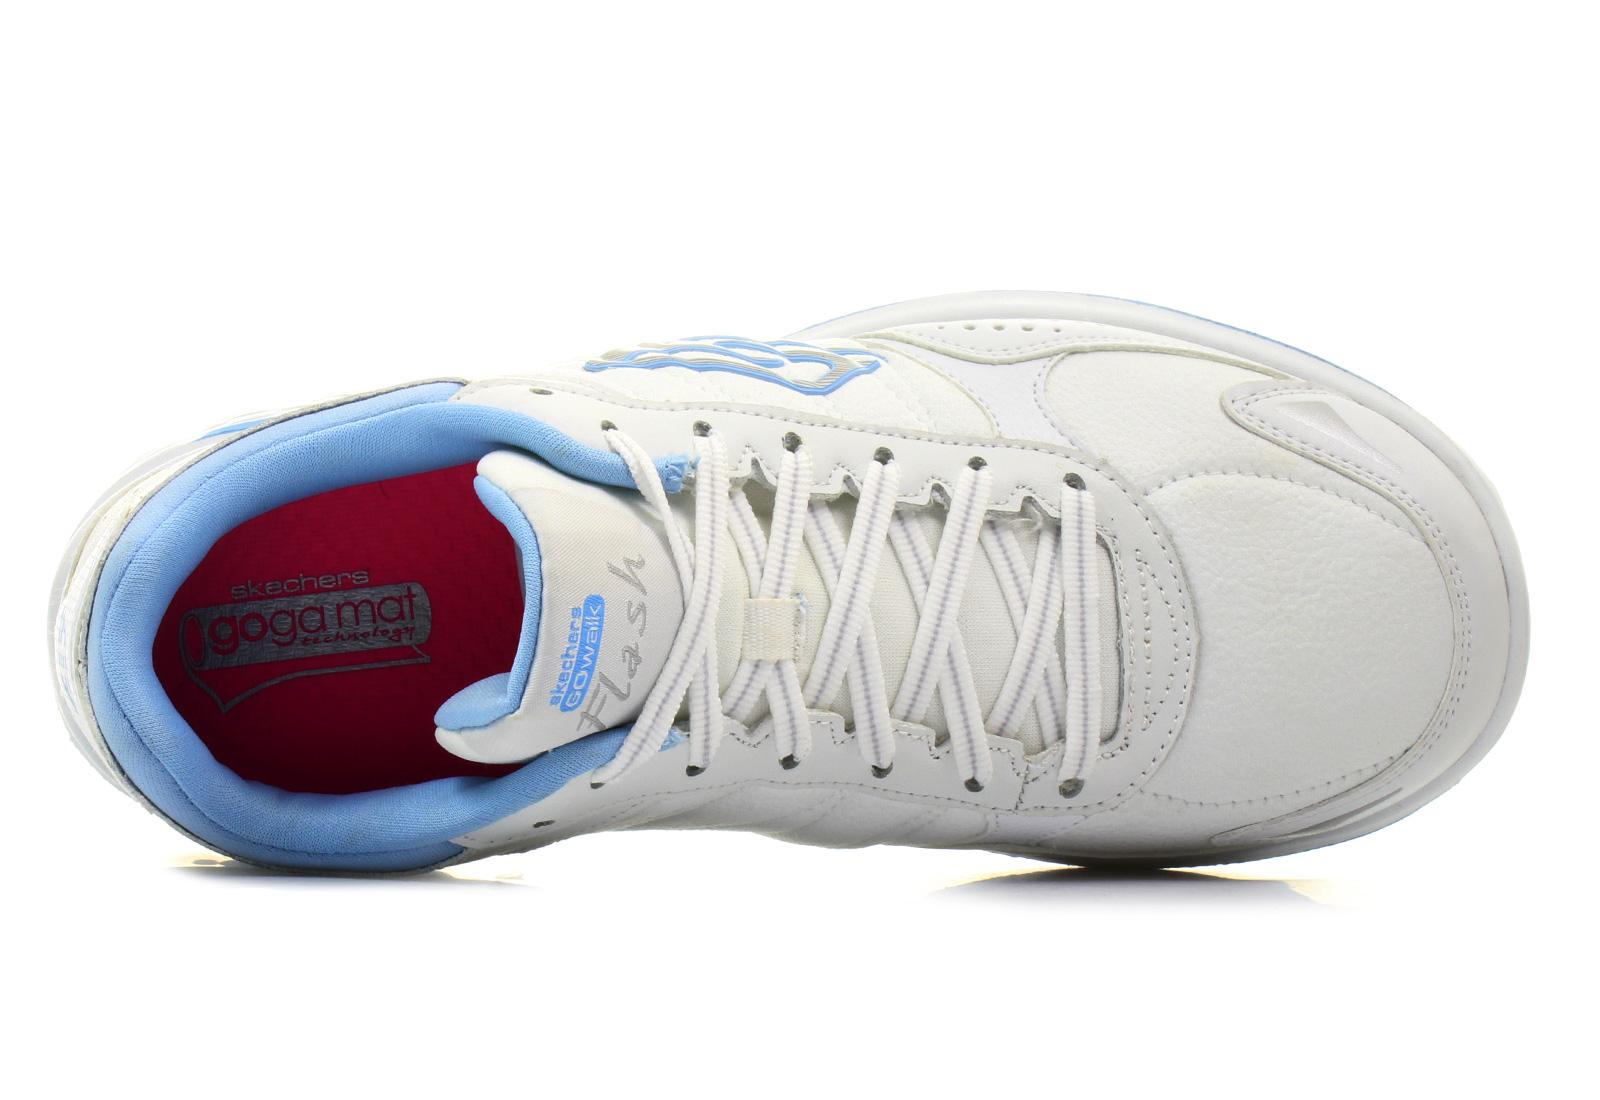 Skechers Rendimiento Van De Paseo 2 Flash Zapato Para Caminar De Las Mujeres yREZsnSV2A